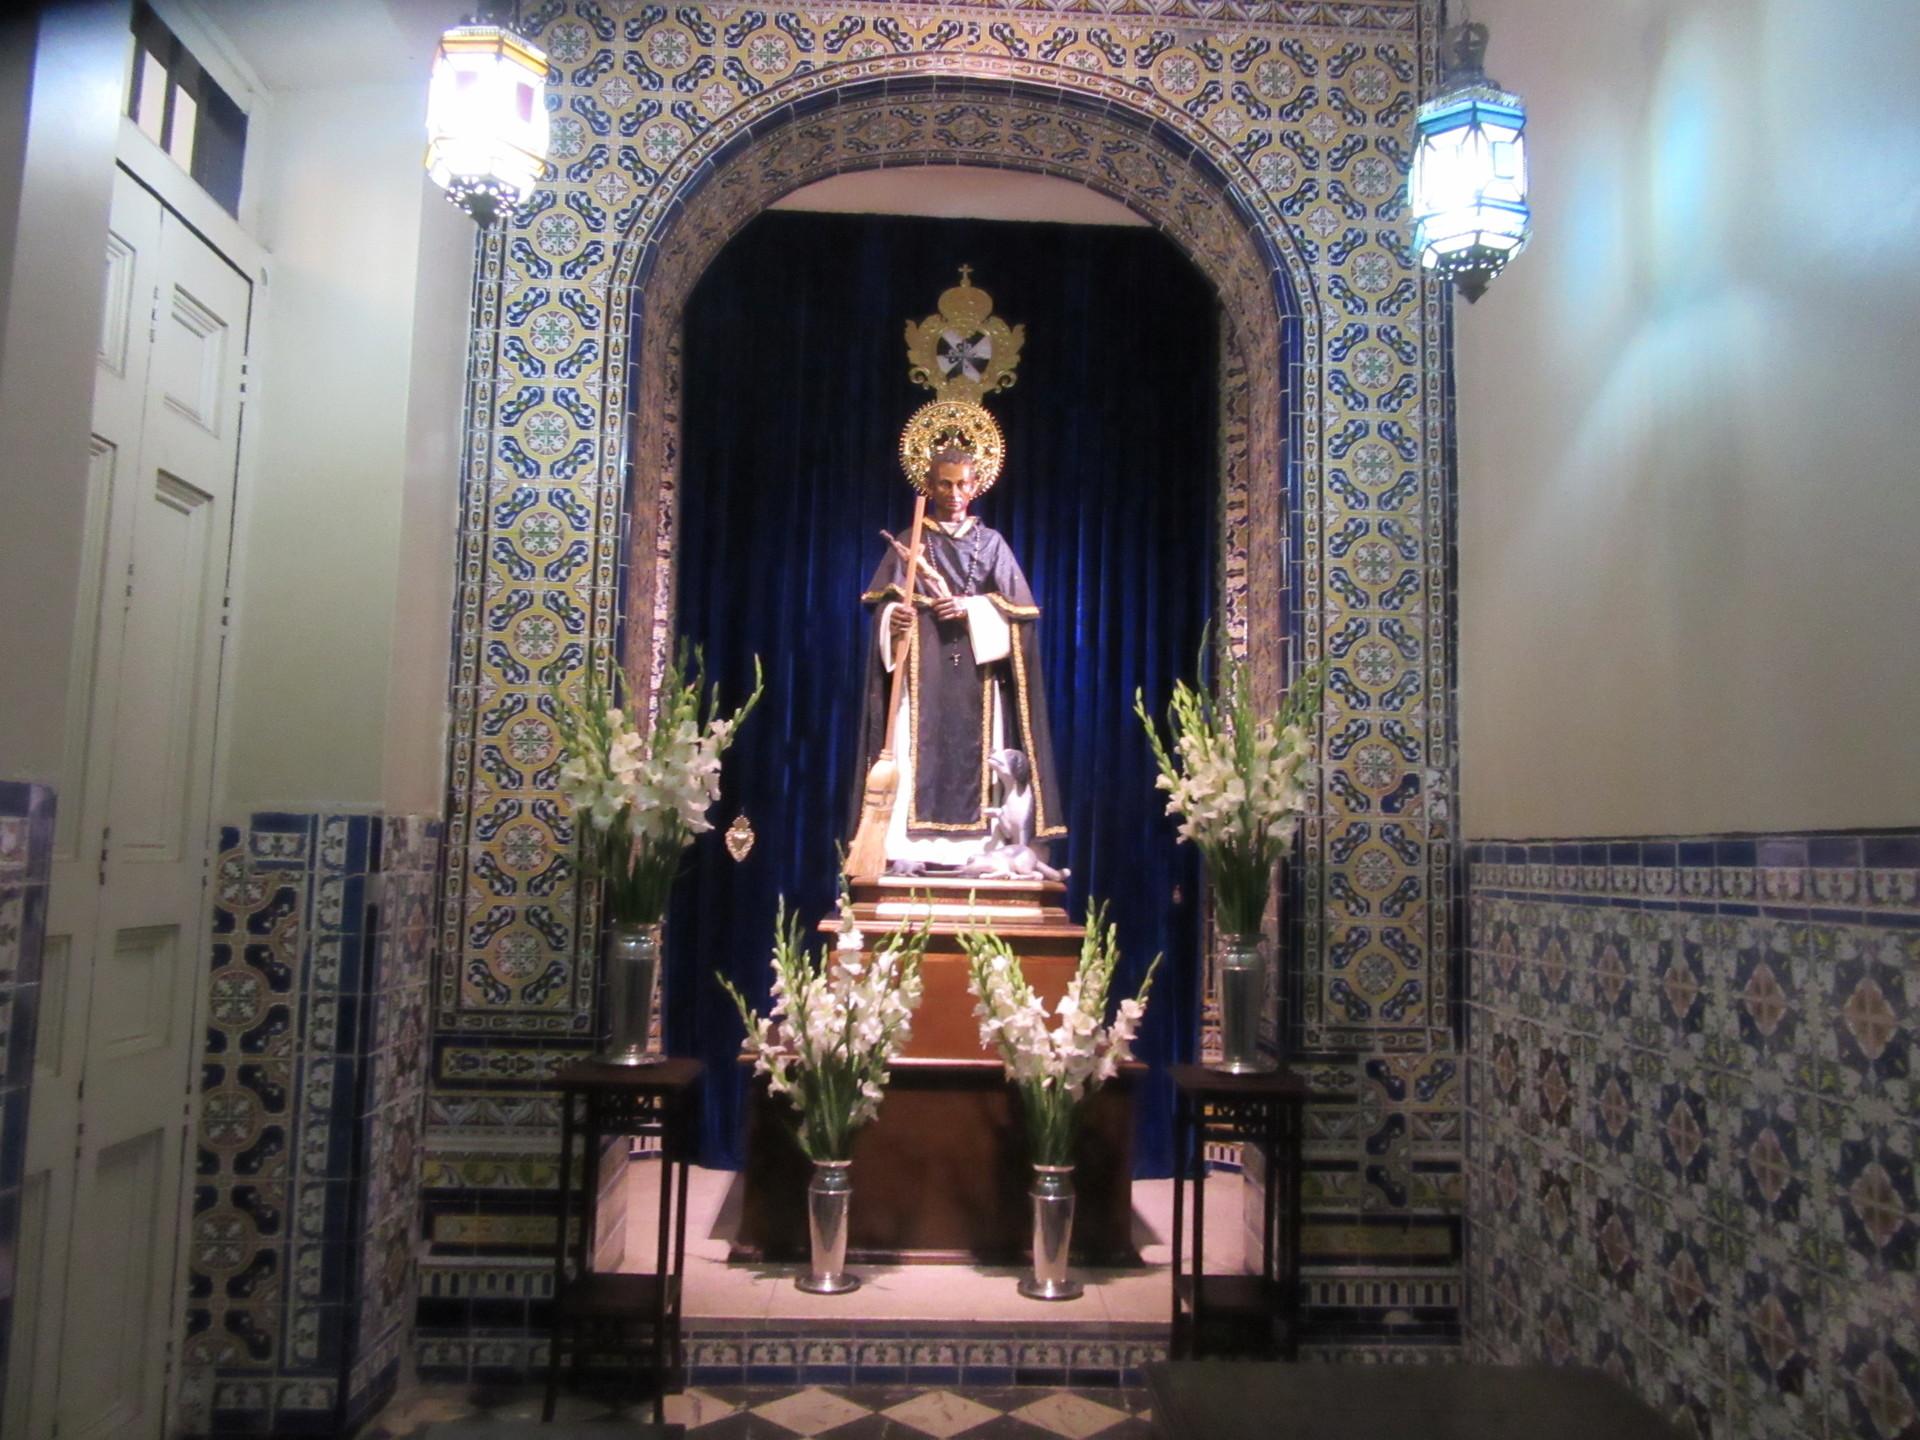 la-casa-santo-mulato-lima-bba40ca7f96914